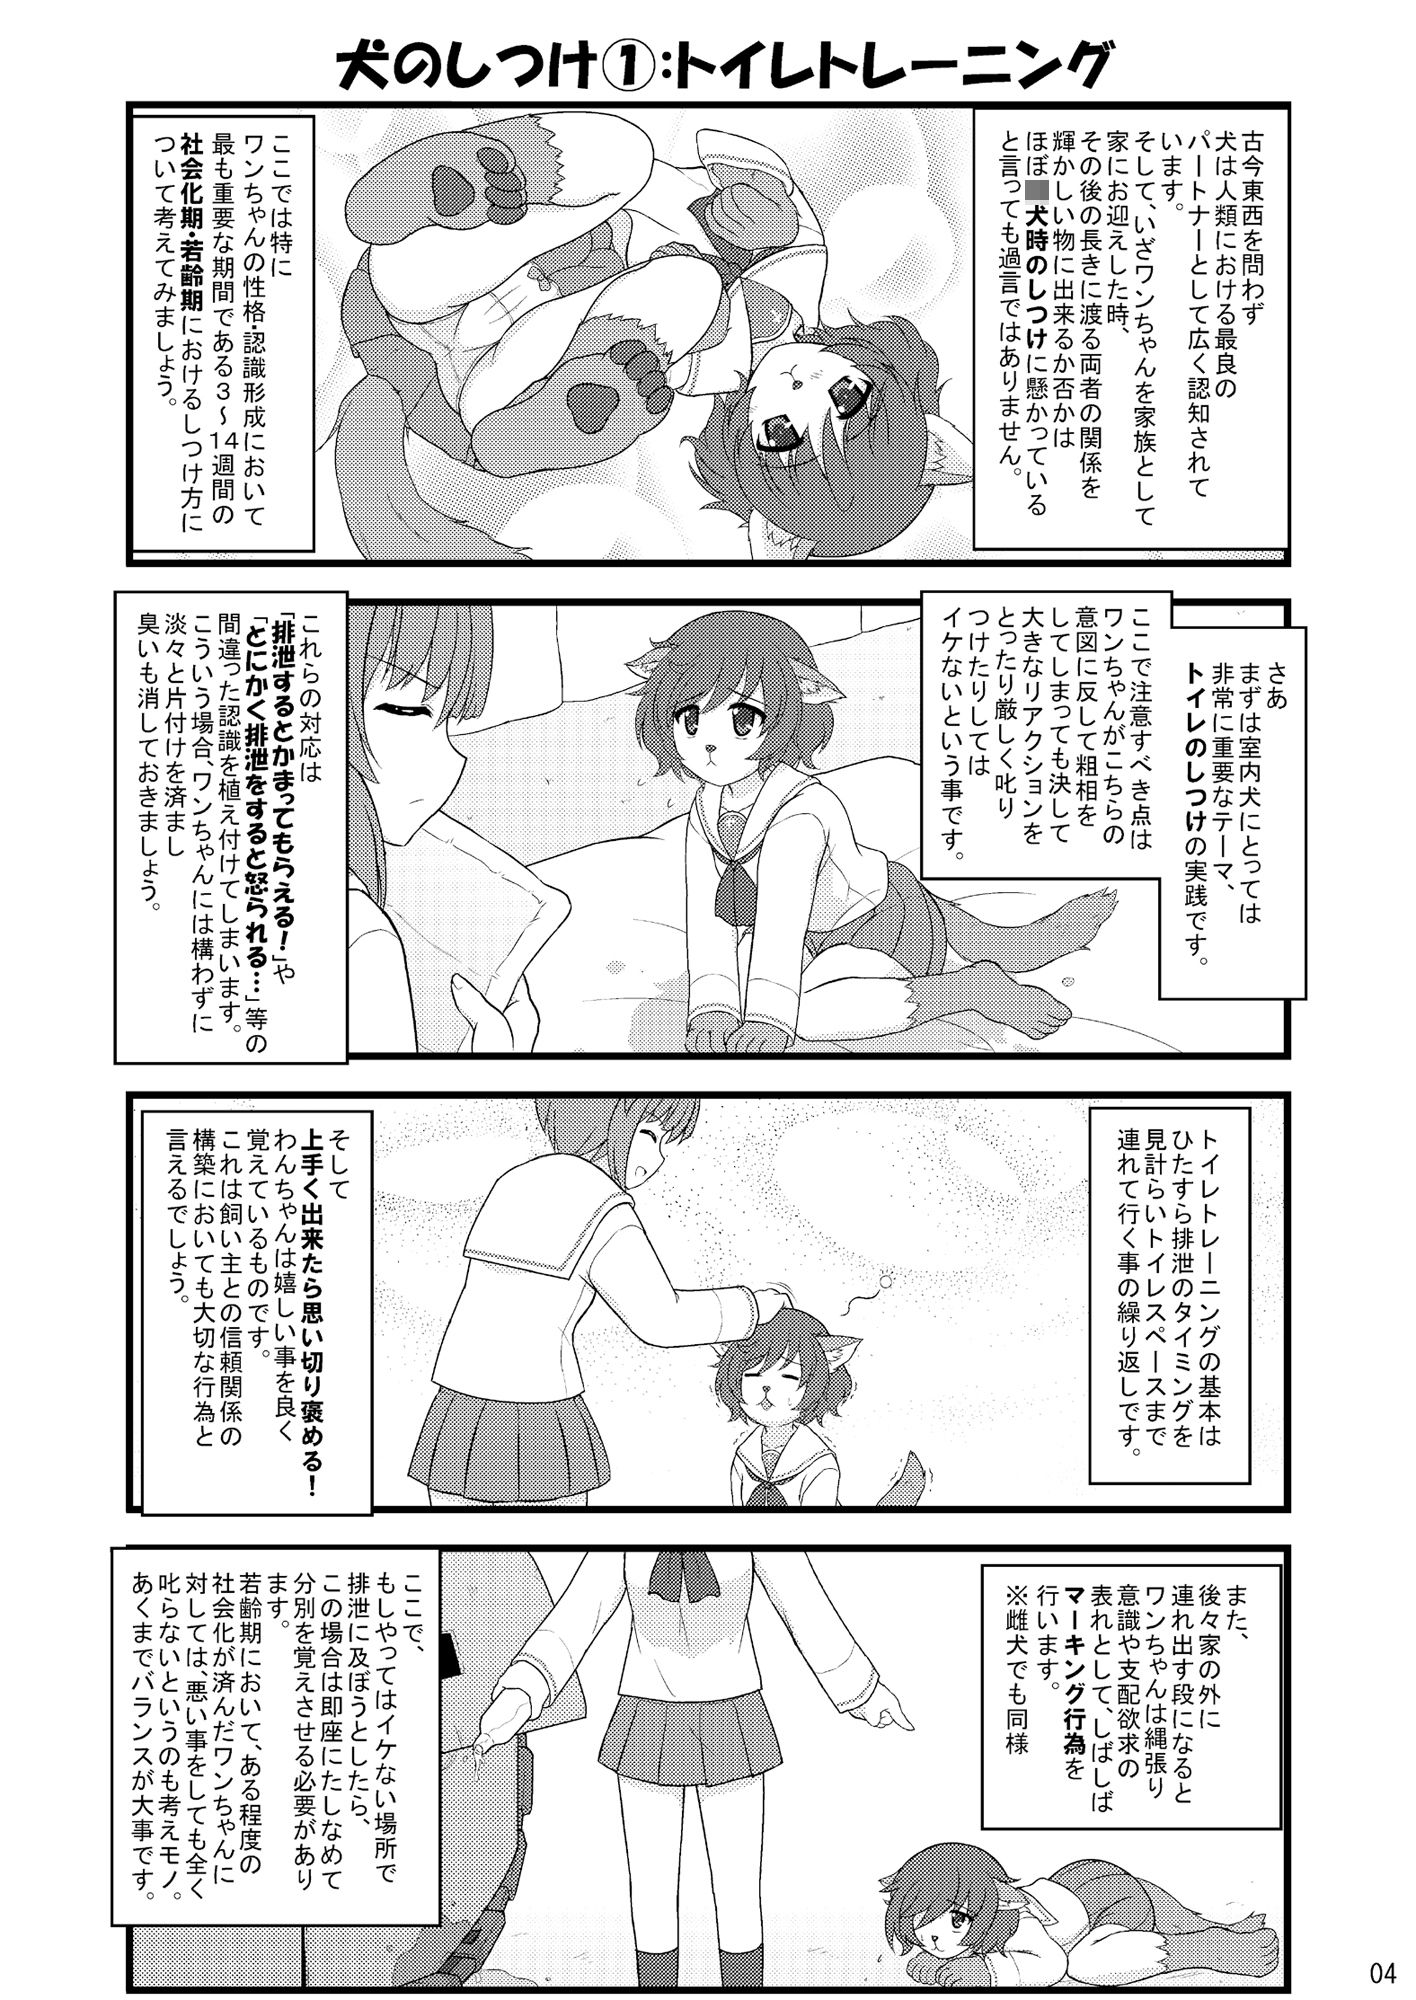 【西住みほ 同人】ヒドいガルパンの総集編本